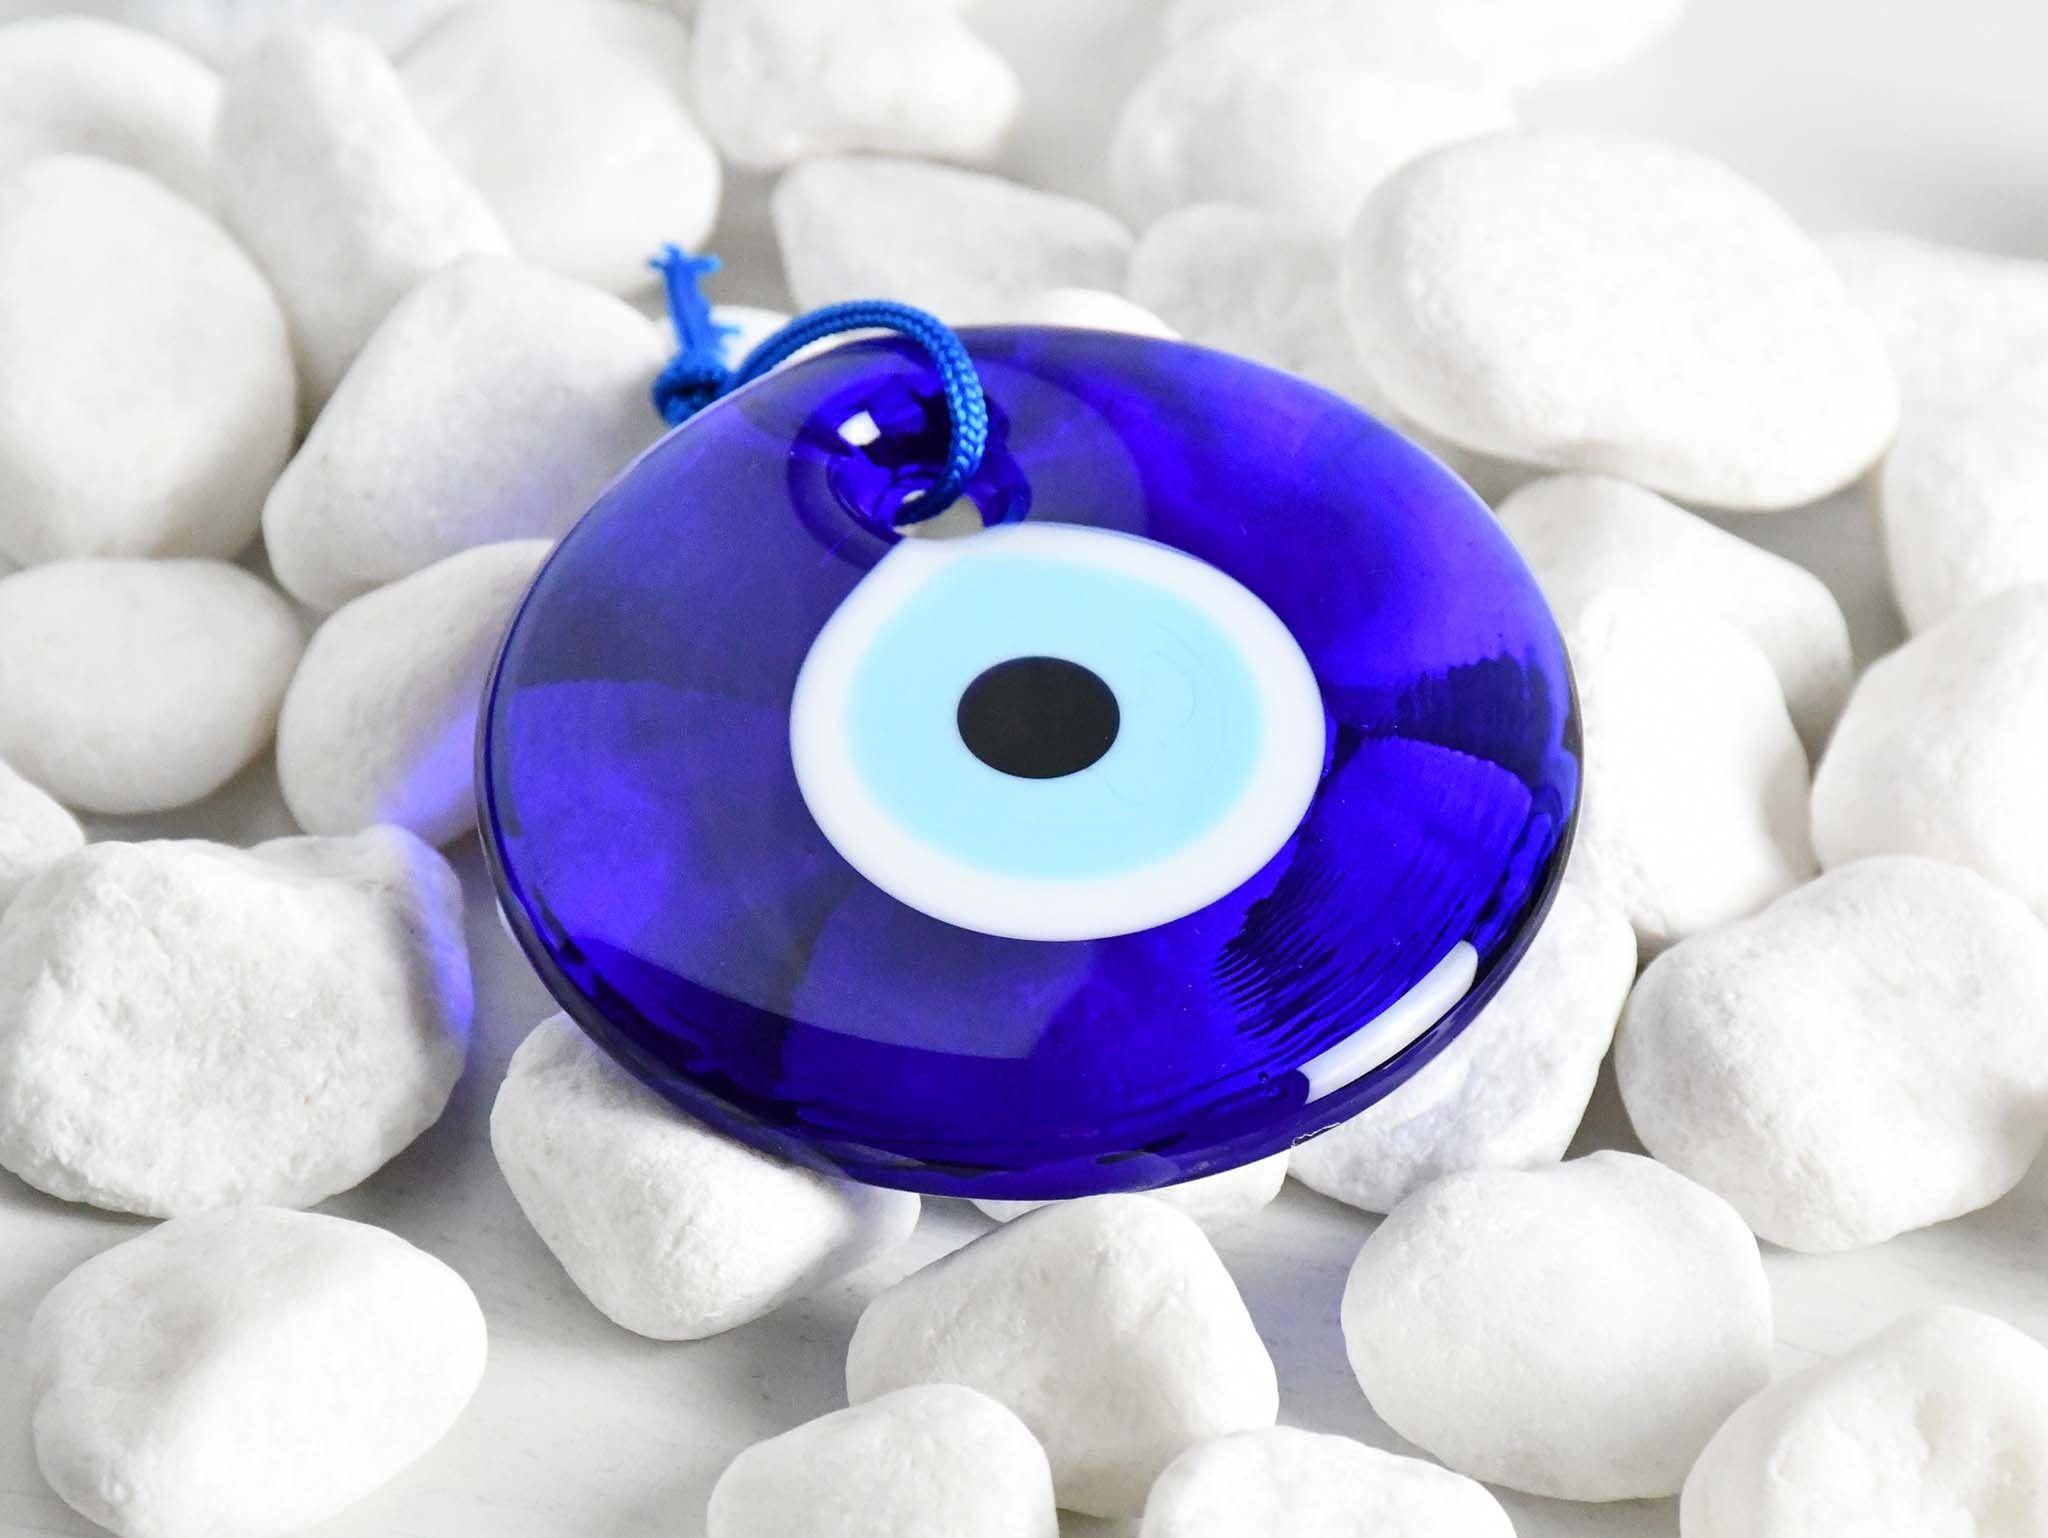 #evileye #evileyes #evileyewallhanging #wallhanging #evileyedecor #homedecoration #blueevileye #glassevileye #walldecor #evileyehomedecor #evileyebead #10cmbead #muranoglassbead